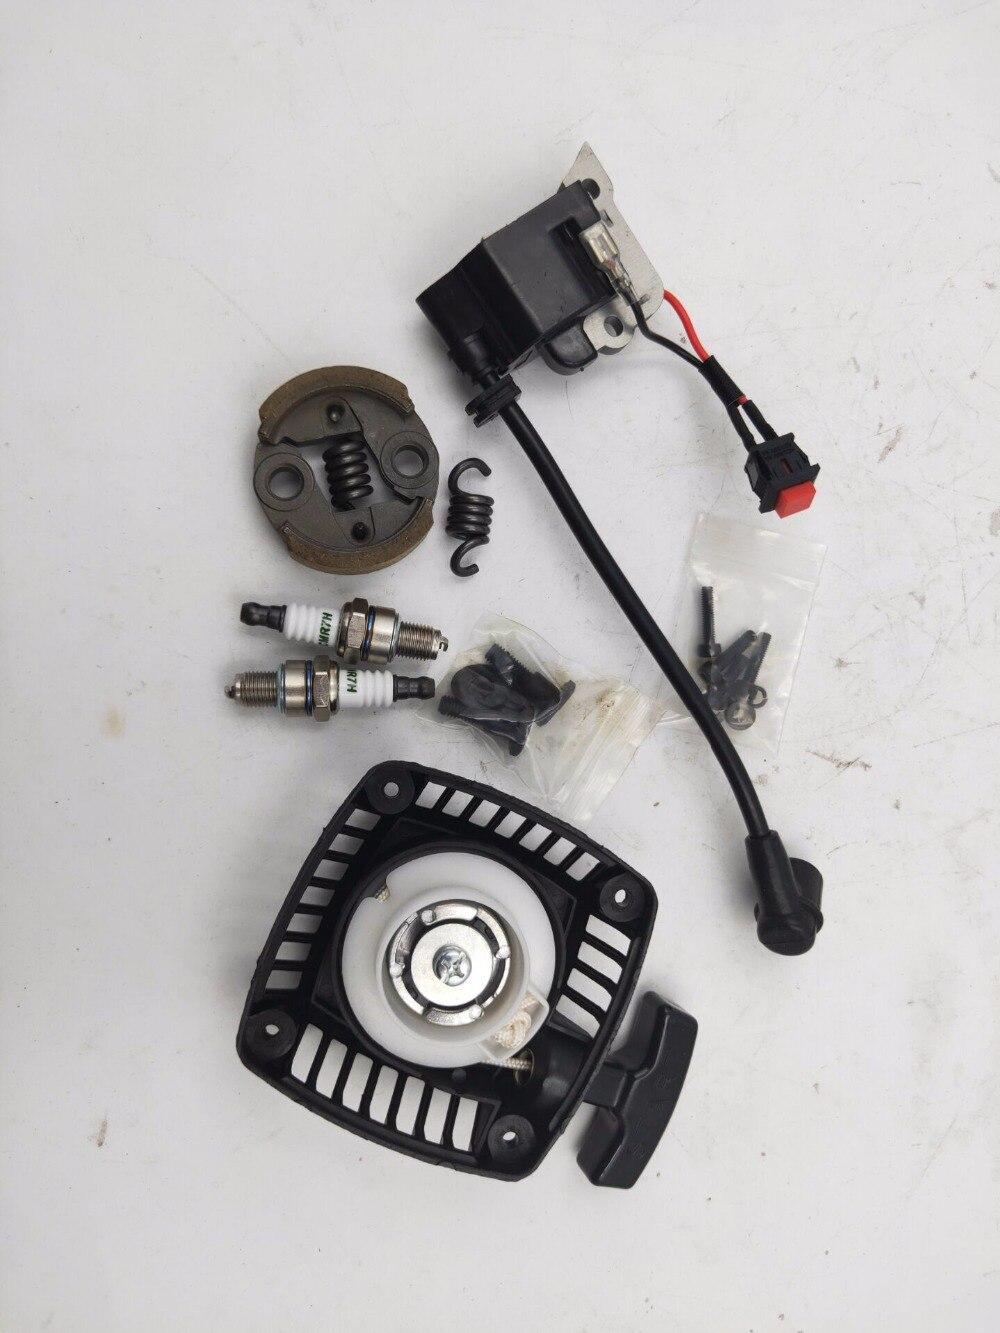 8000rmp embrayage Spark Plug pull starter Bobine D'allumage POUR Zenoah CY MOTEURS POUR HPI KM ROVAN BAJA PERDU PIÈCES